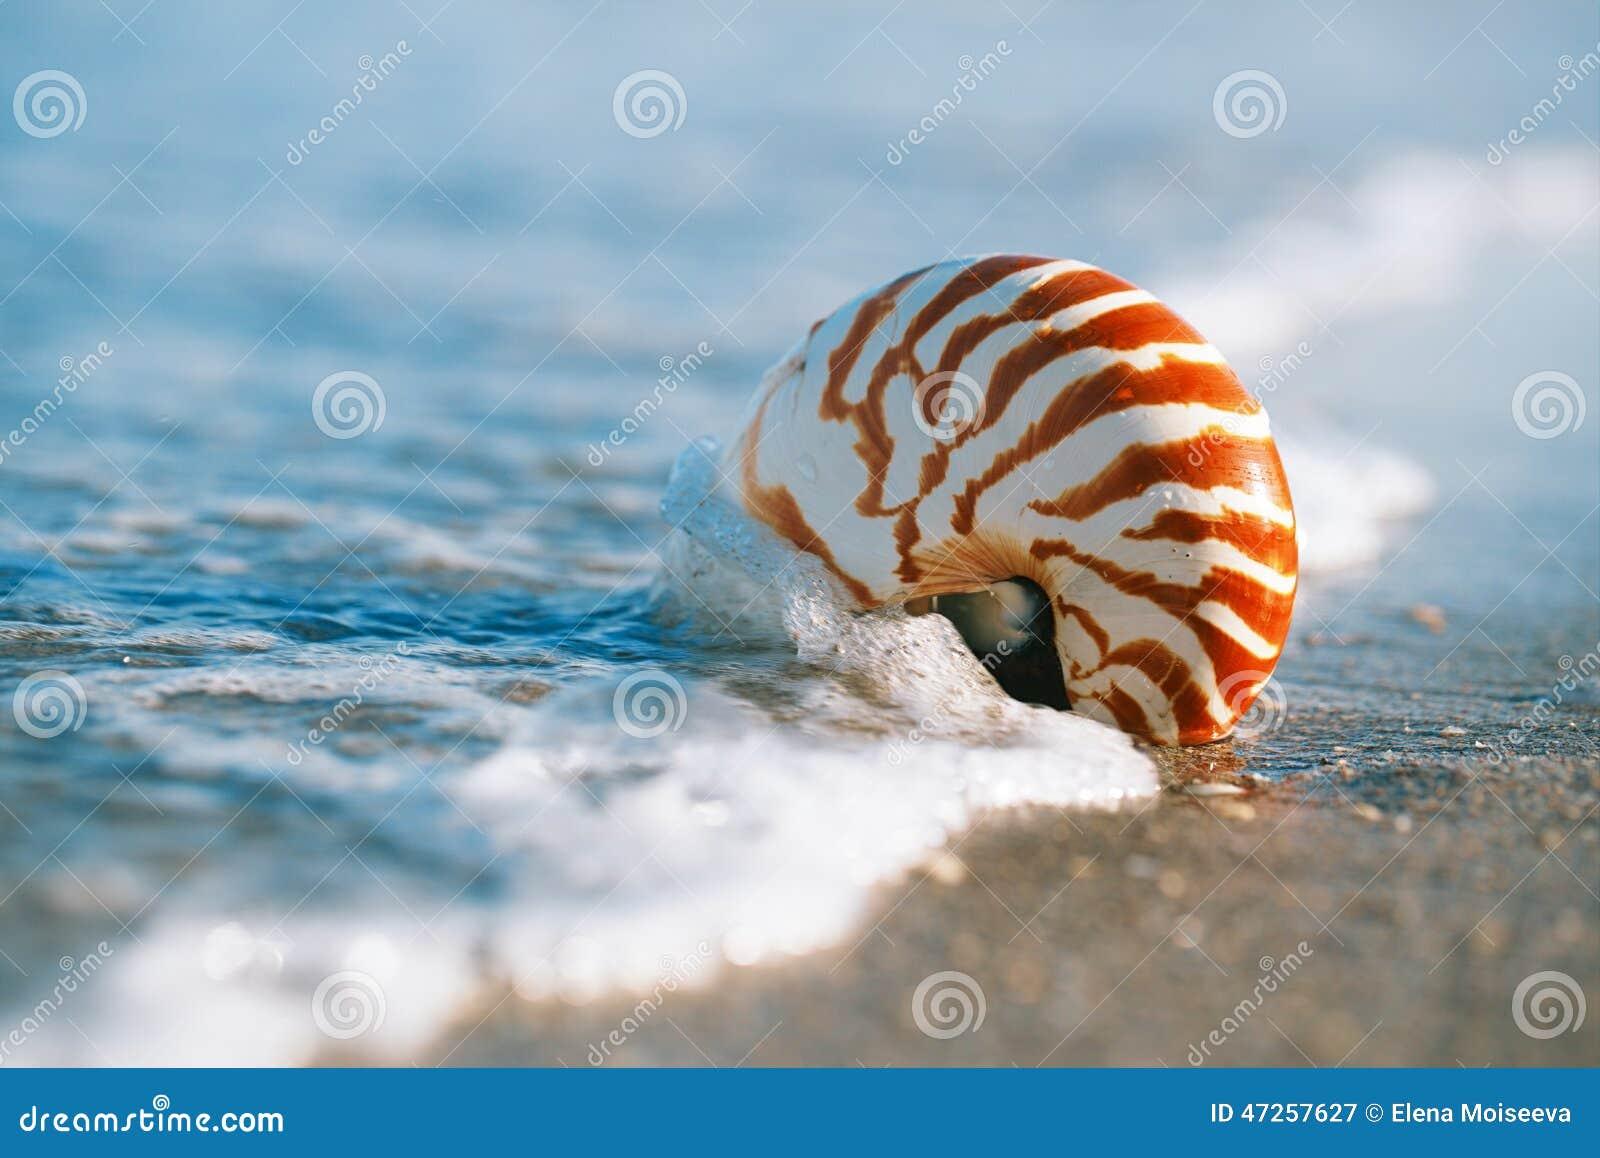 与海波浪,在太阳ligh下的佛罗里达海滩的舡鱼壳